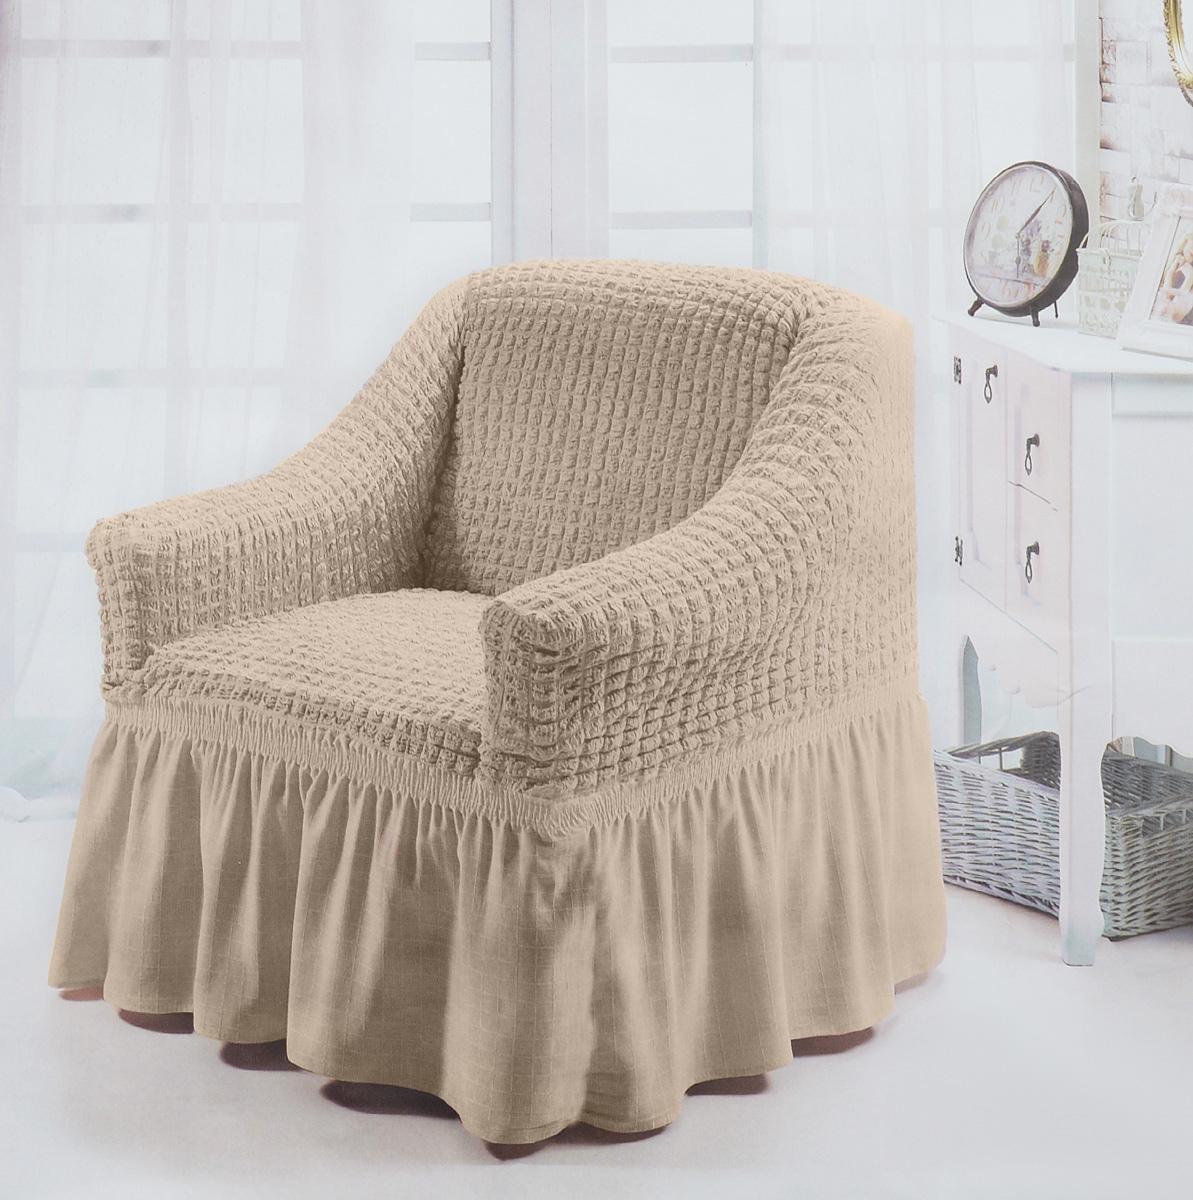 Чехол для кресла Burumcuk Bulsan, цвет: кофейный1797/CHAR012Чехол на кресло Burumcuk Bulsan выполнен извысококачественного полиэстера и хлопка с красивымрельефом. Предназначен для кресла стандартного размера соспинкой высотой в 140 см. Такой чехол изысканно дополнитинтерьер вашего дома. Изделие оснащено закрывающейоборкой. Ширина и глубина посадочного места: 70-80 см. Высота спинки от сиденья: 70-80 см. Высота подлокотников: 35-45 см. Ширина подлокотников: 25-35 см. Длина оборки: 35 см.